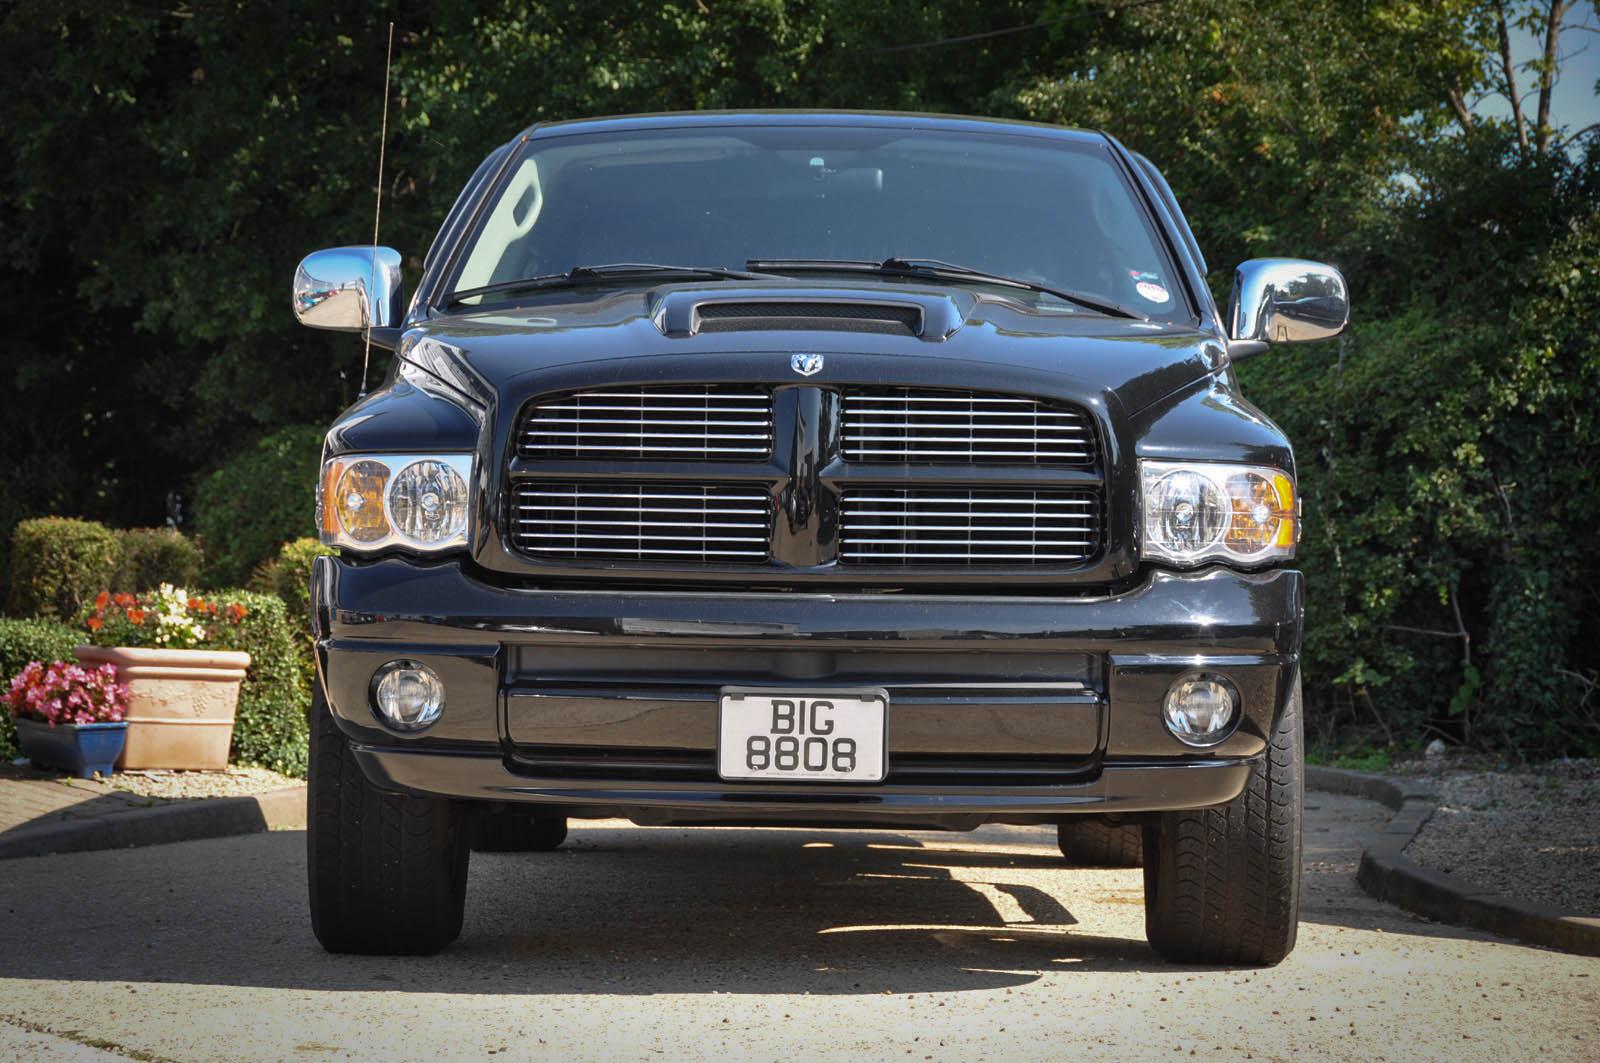 2005 05 Dodge Ram 1500 Quad Cab 4 215 4 Just 28 000 Miles